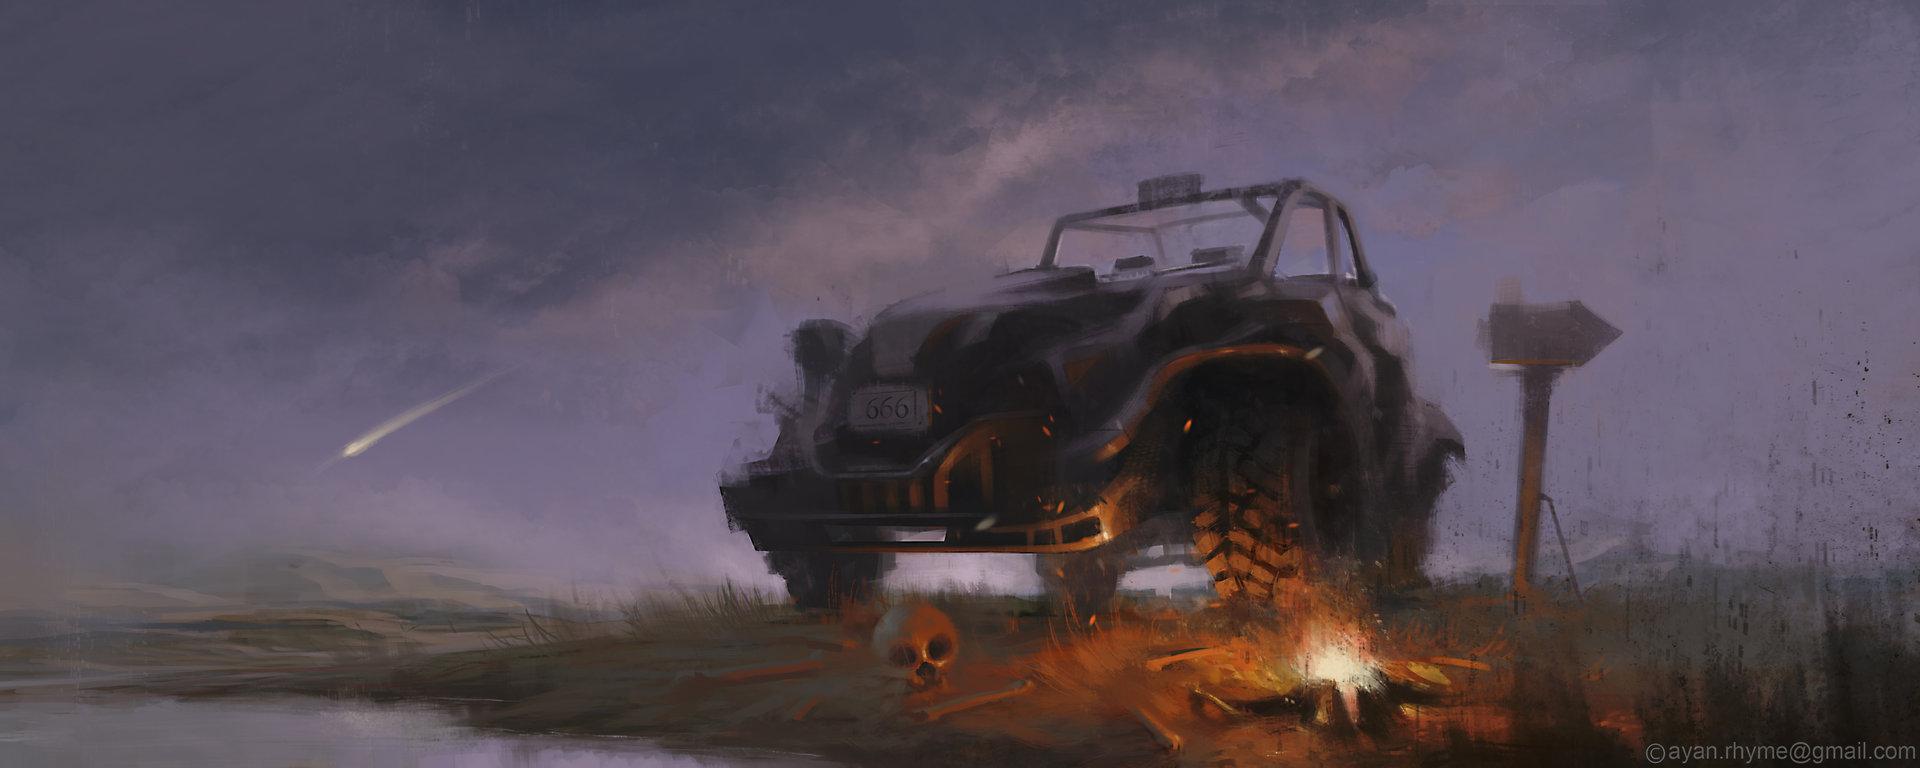 Ayan nag last campfire by ayan nag